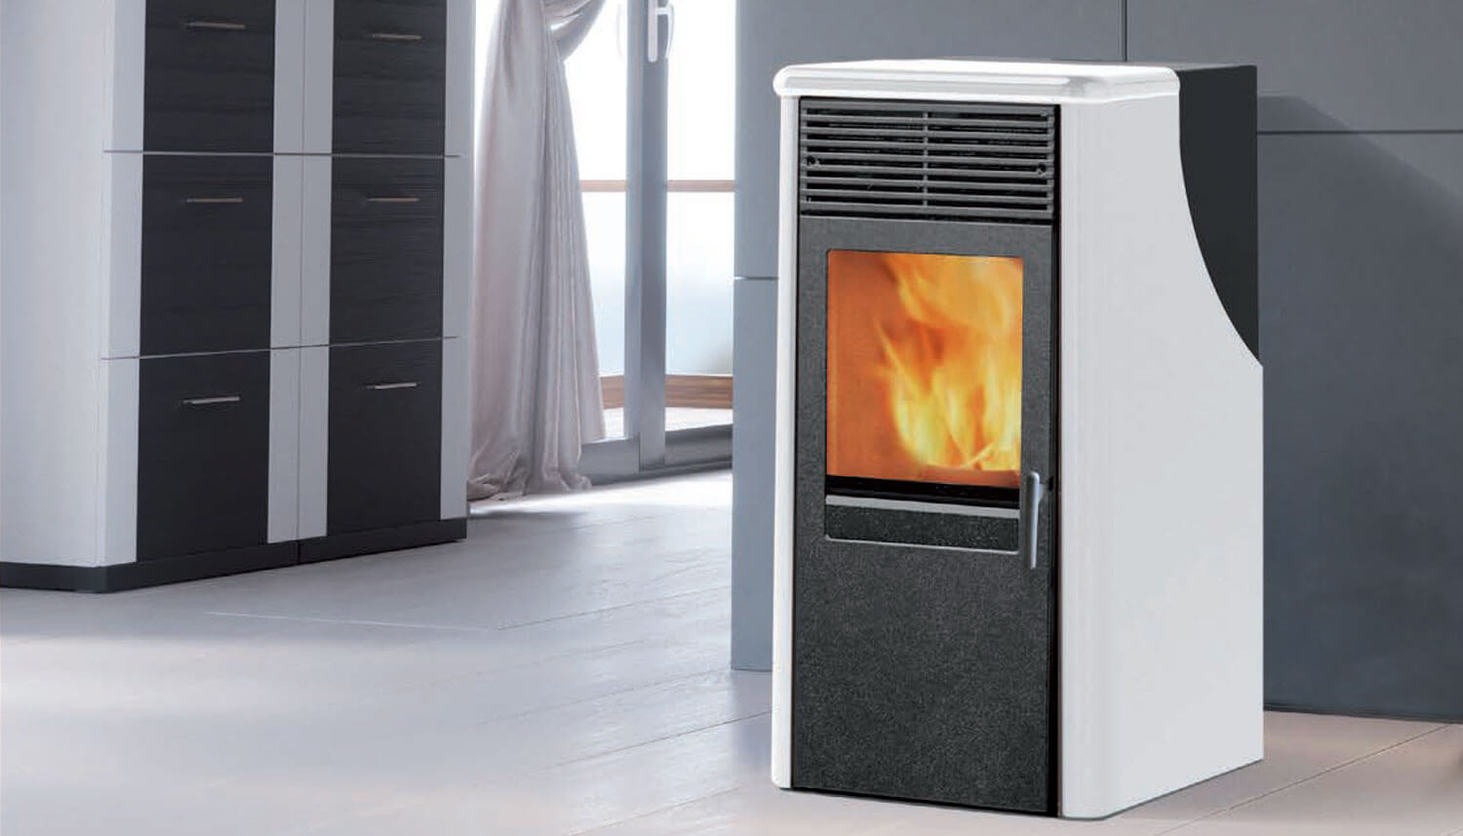 Tipo Di Riscaldamento Più Economico stufe a pellet per termosifoni | climamarket